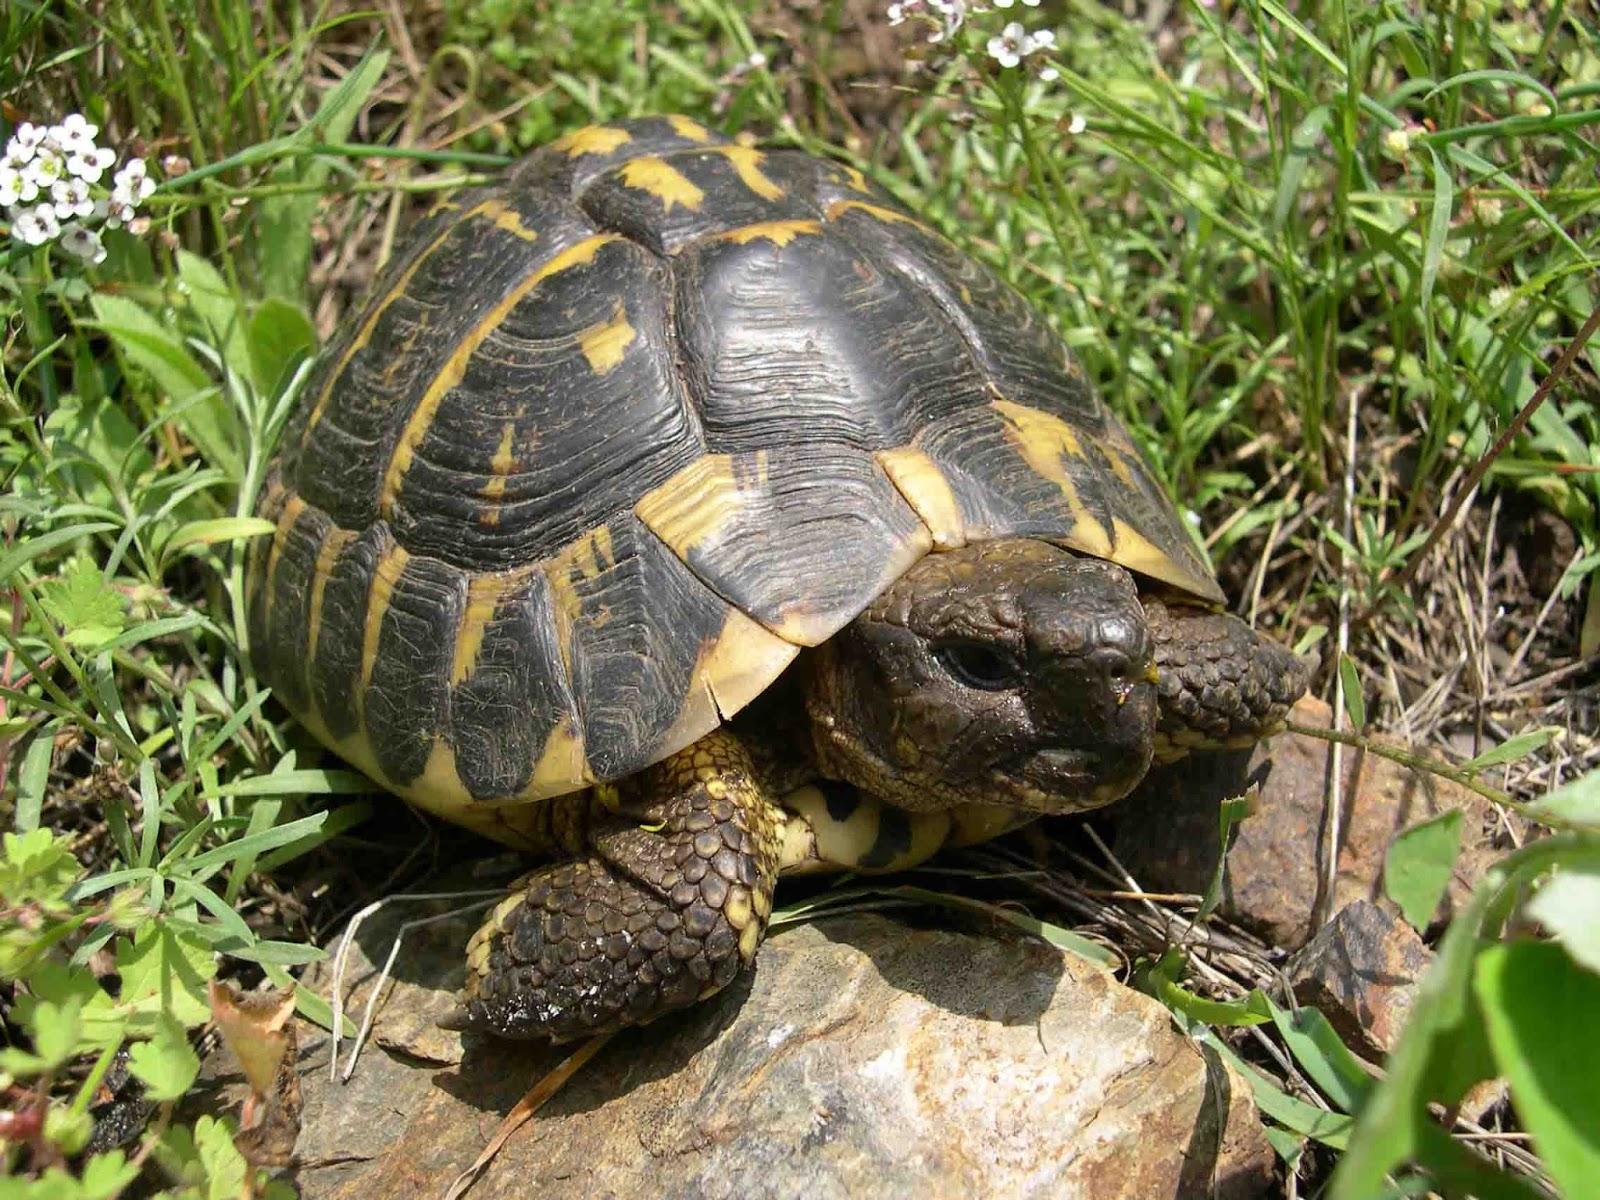 Amici di chicca microchip obbligatorio per le tartarughe for Tartarughe appena nate